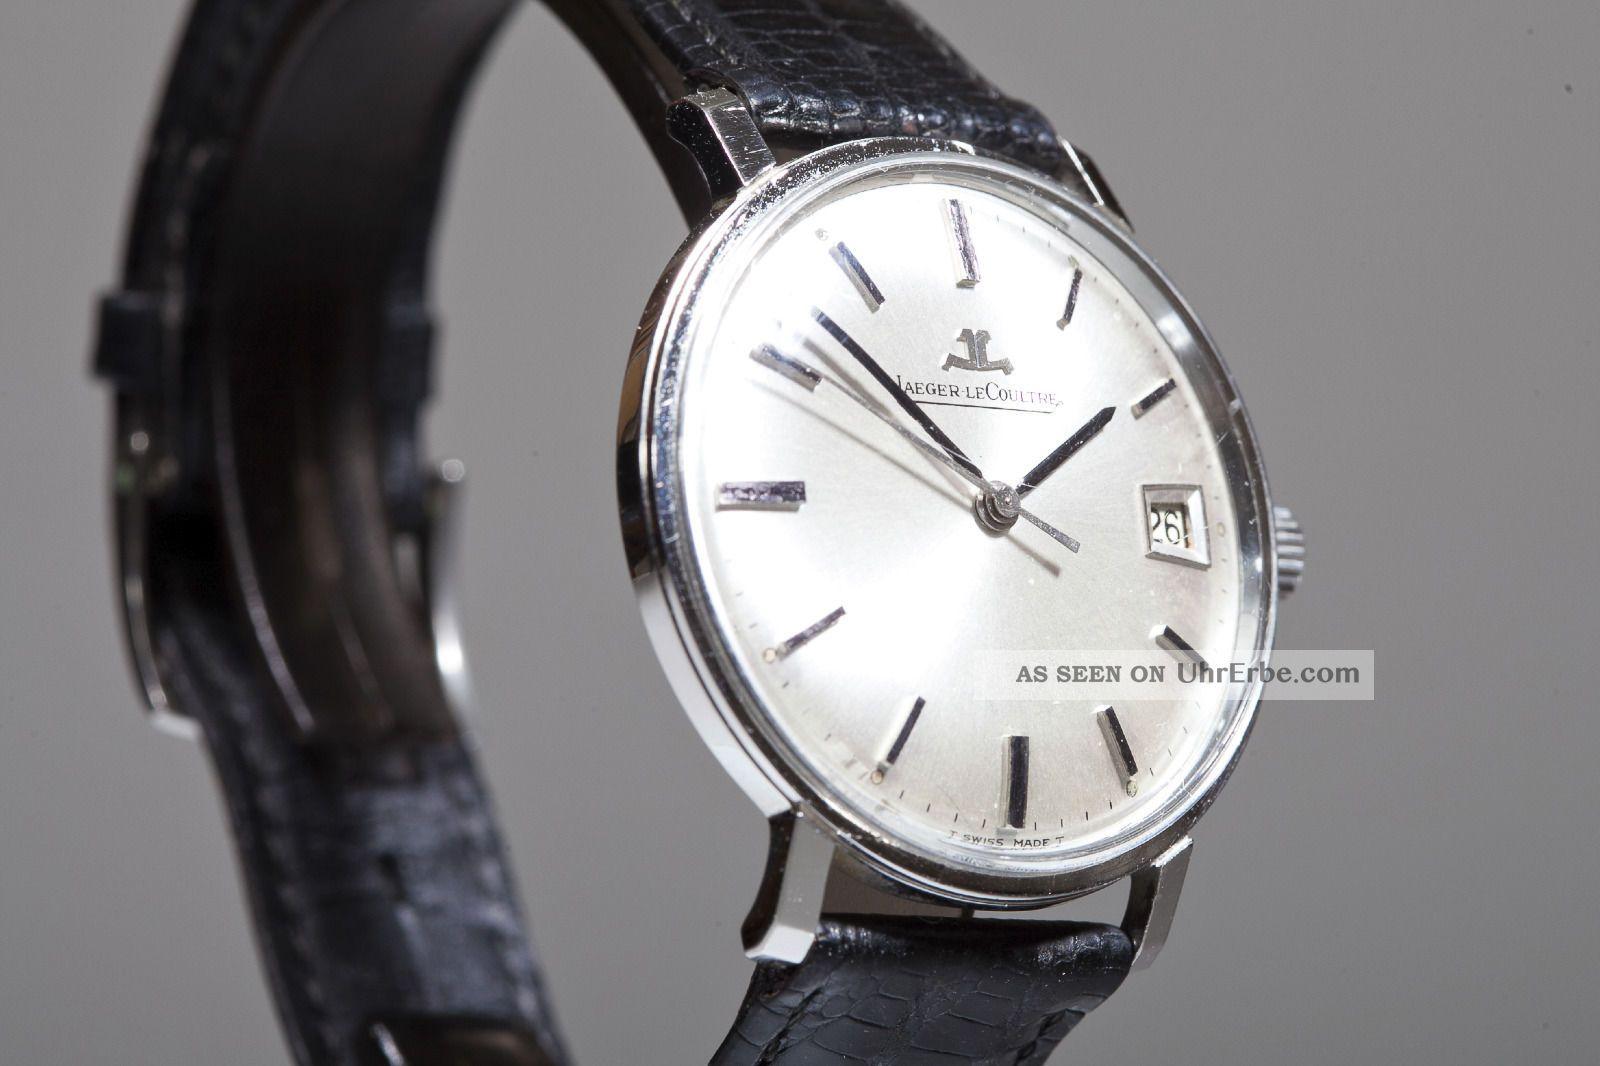 Jaeger Lecoultre,  60er Jahre Hau,  Armbanduhr,  Herren Armbanduhren Bild